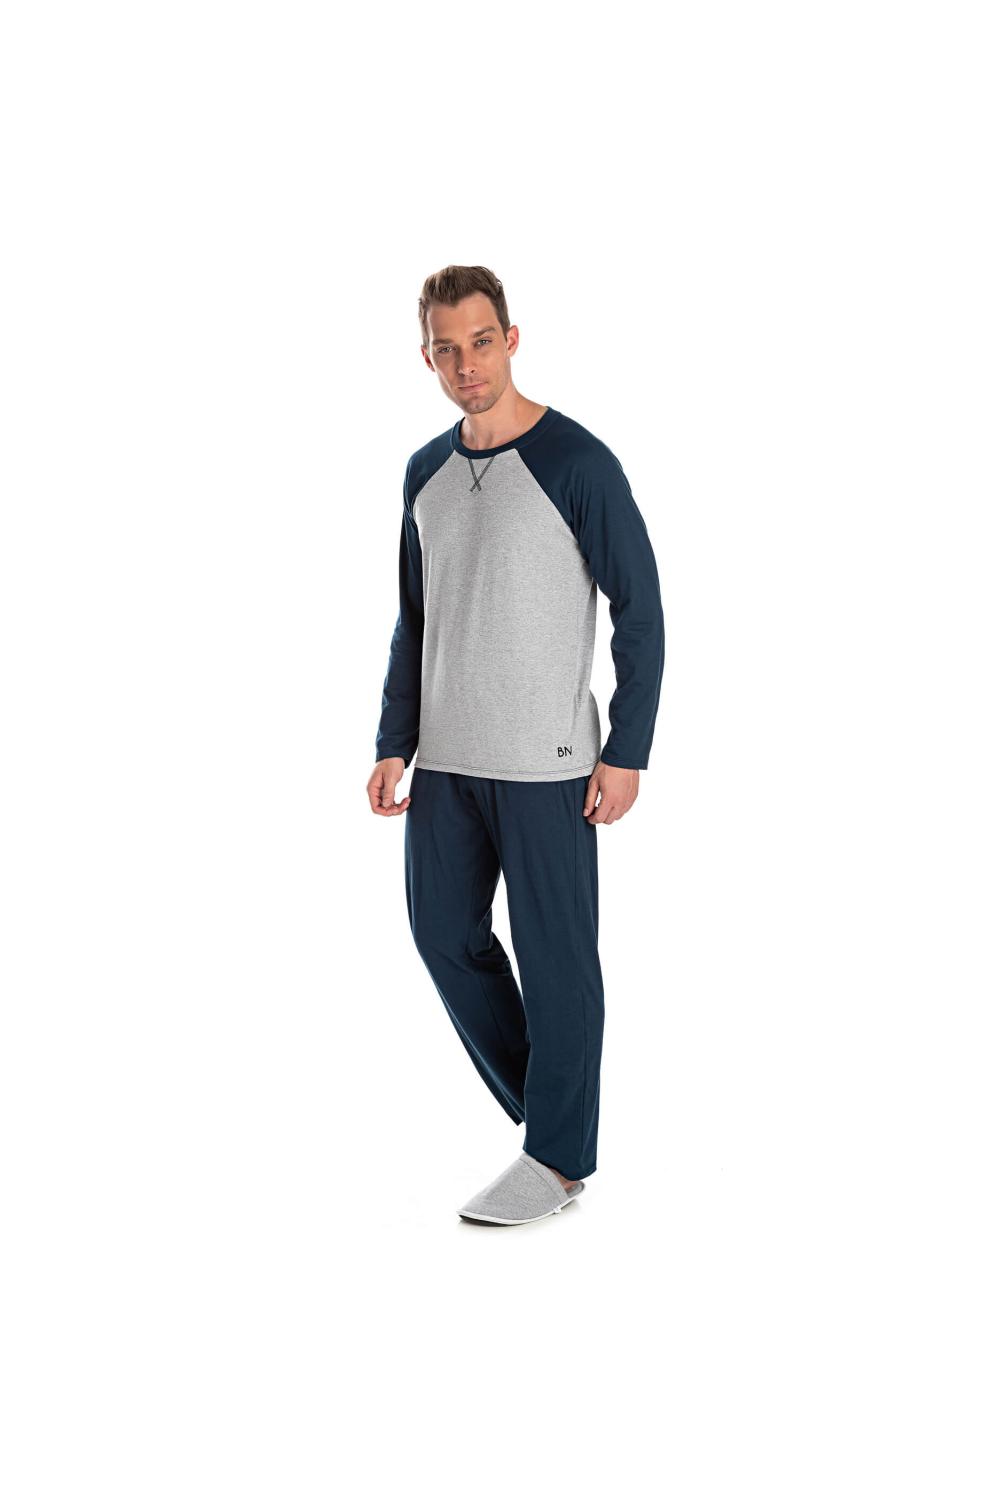 019/I - Pijama Adulto Masculino com Aplique Termocolante